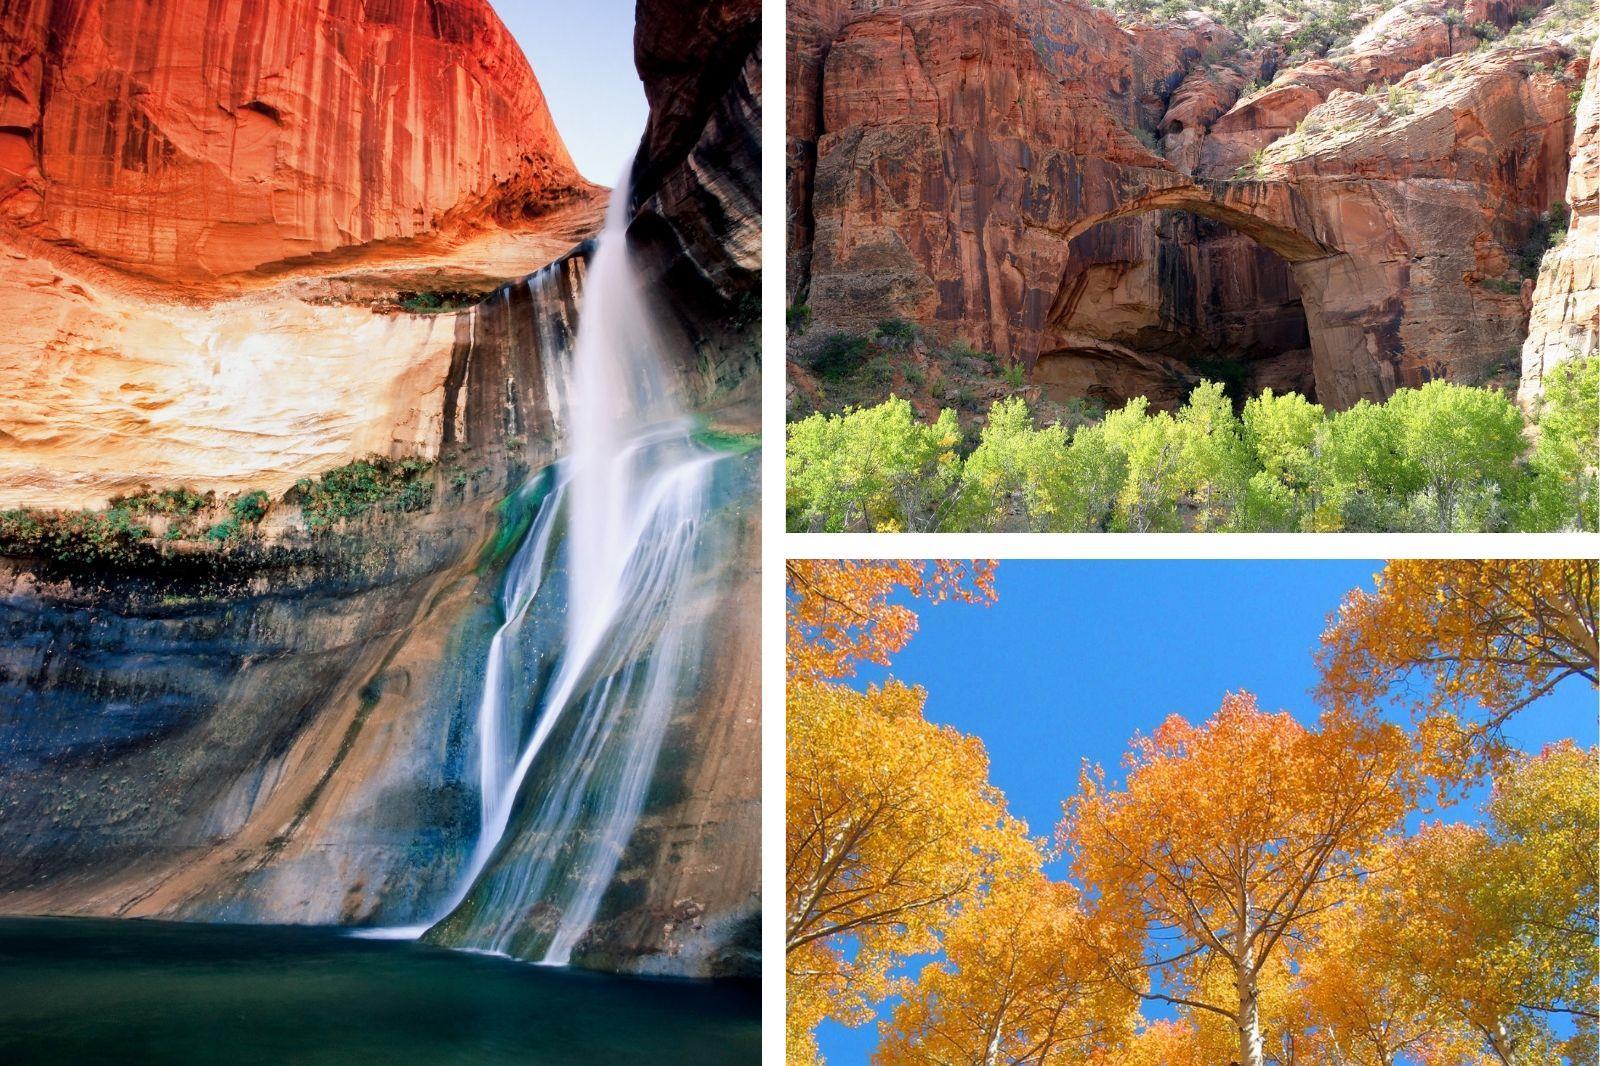 Calf Creek Falls, Burr Trails, Aspens in Boulder/Escalante, UT